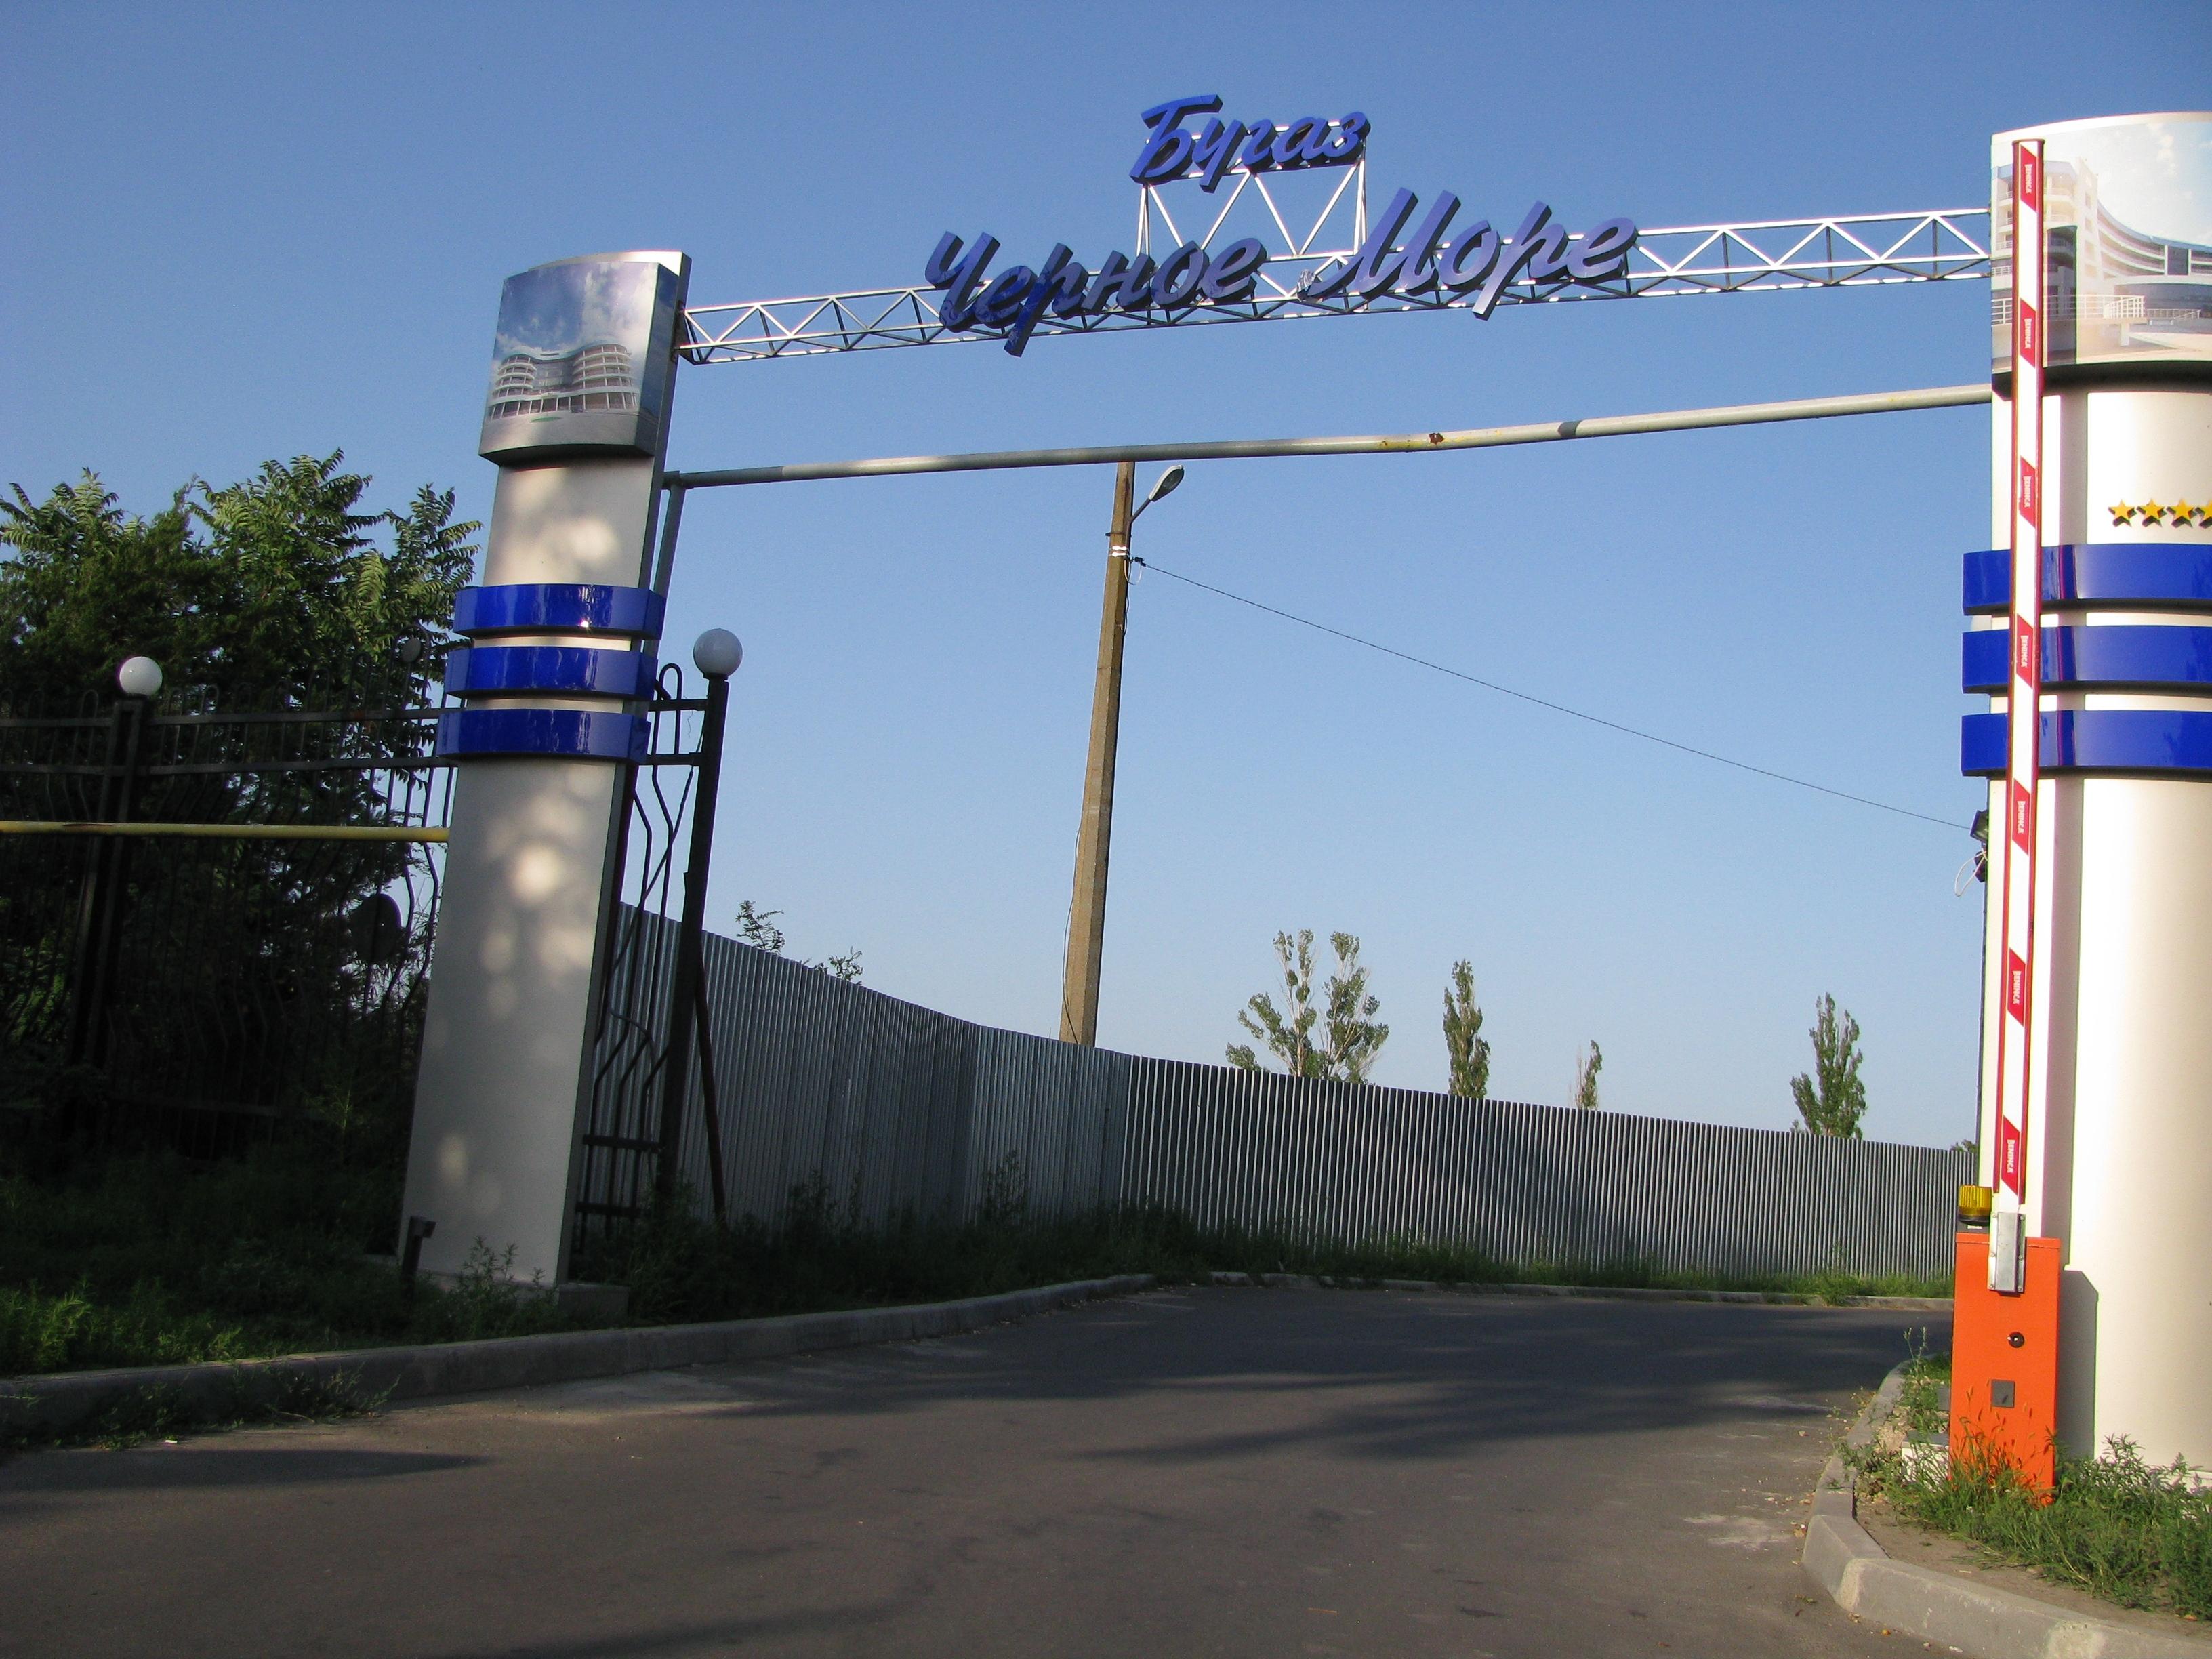 Под Одессой перекрыли спуск к морю и за въезд требуют 100 гривен, фото-1